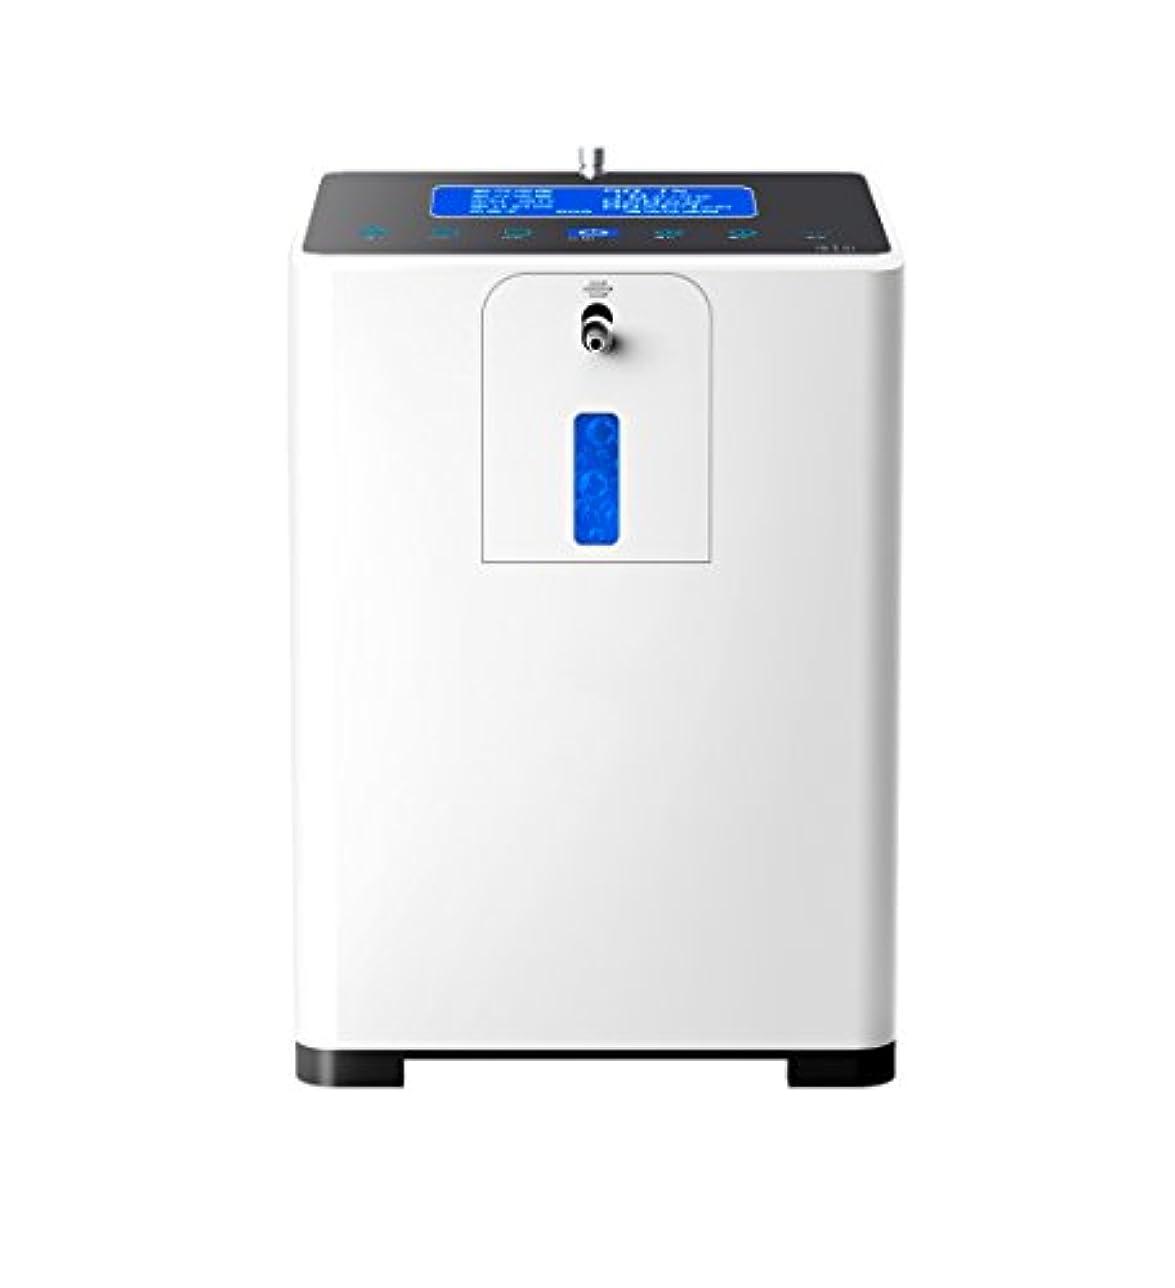 バイオリニスト買い手貫入YD 酸素濃縮装置 - ポータブル酸素濃縮装置ホーム酸素発生装置1-5L / min調節可能 - 霧化/スマートS??OS機能 /&